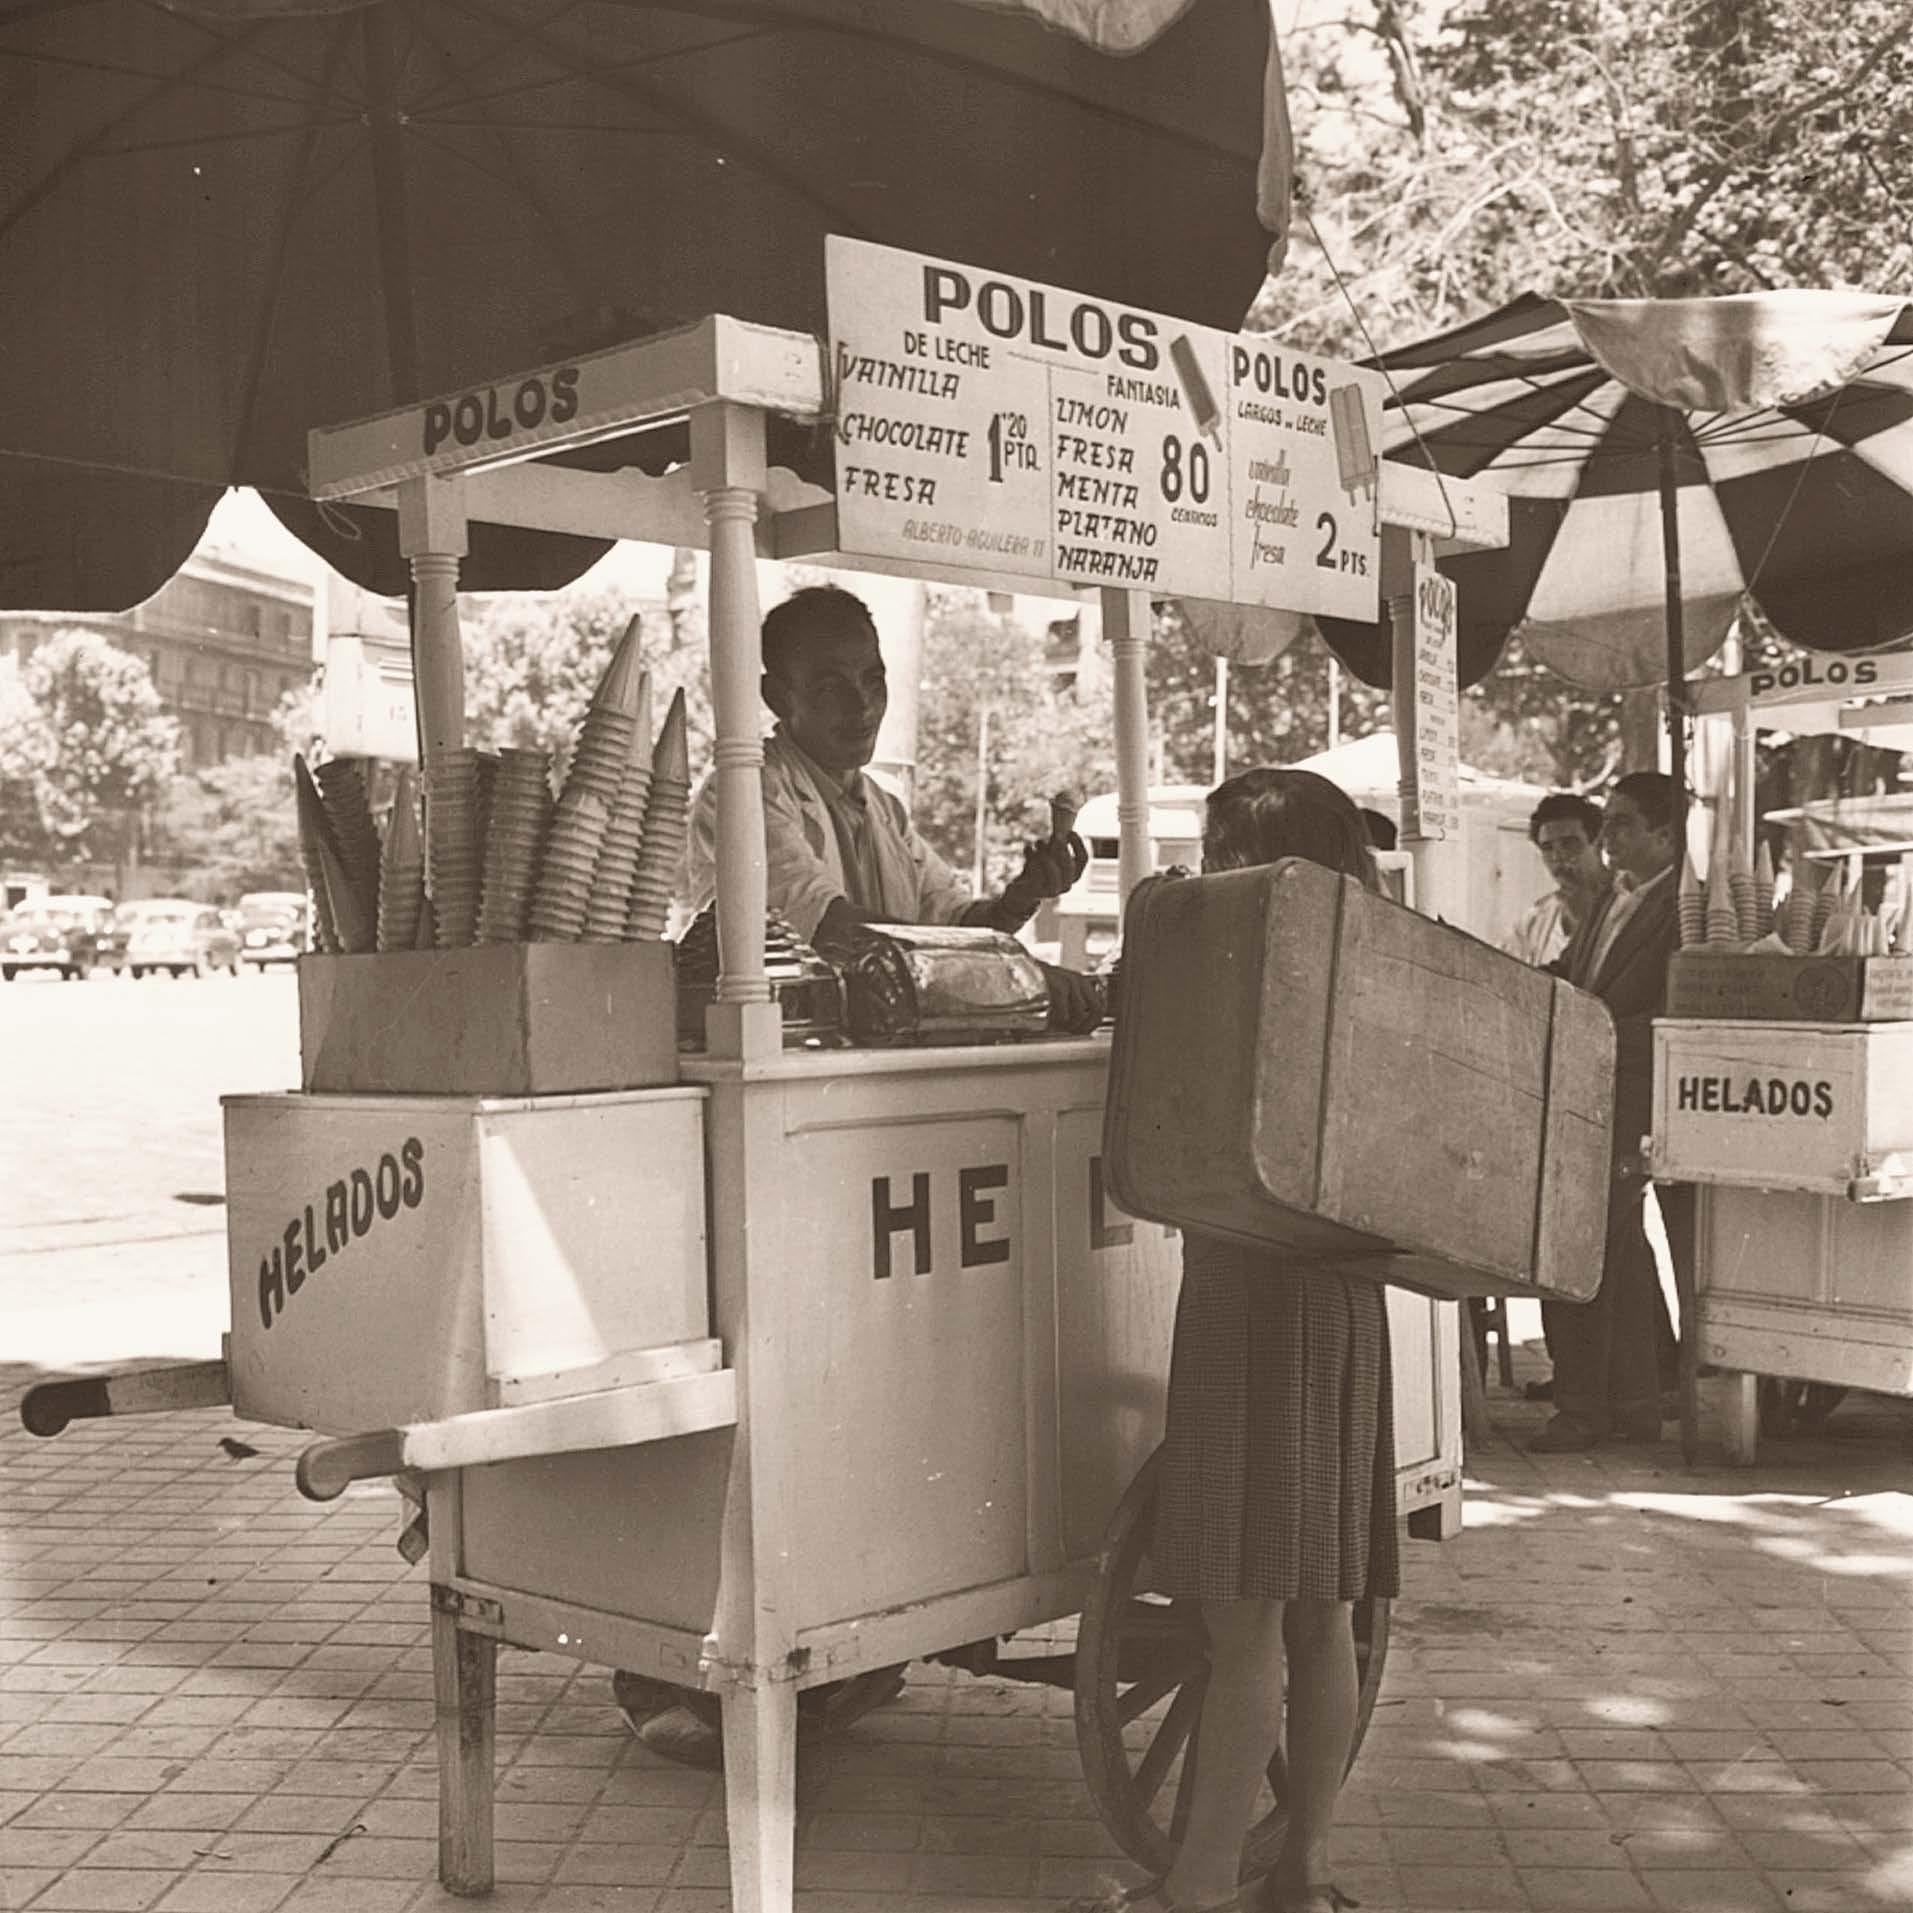 Carrito de los Helados, Madrid